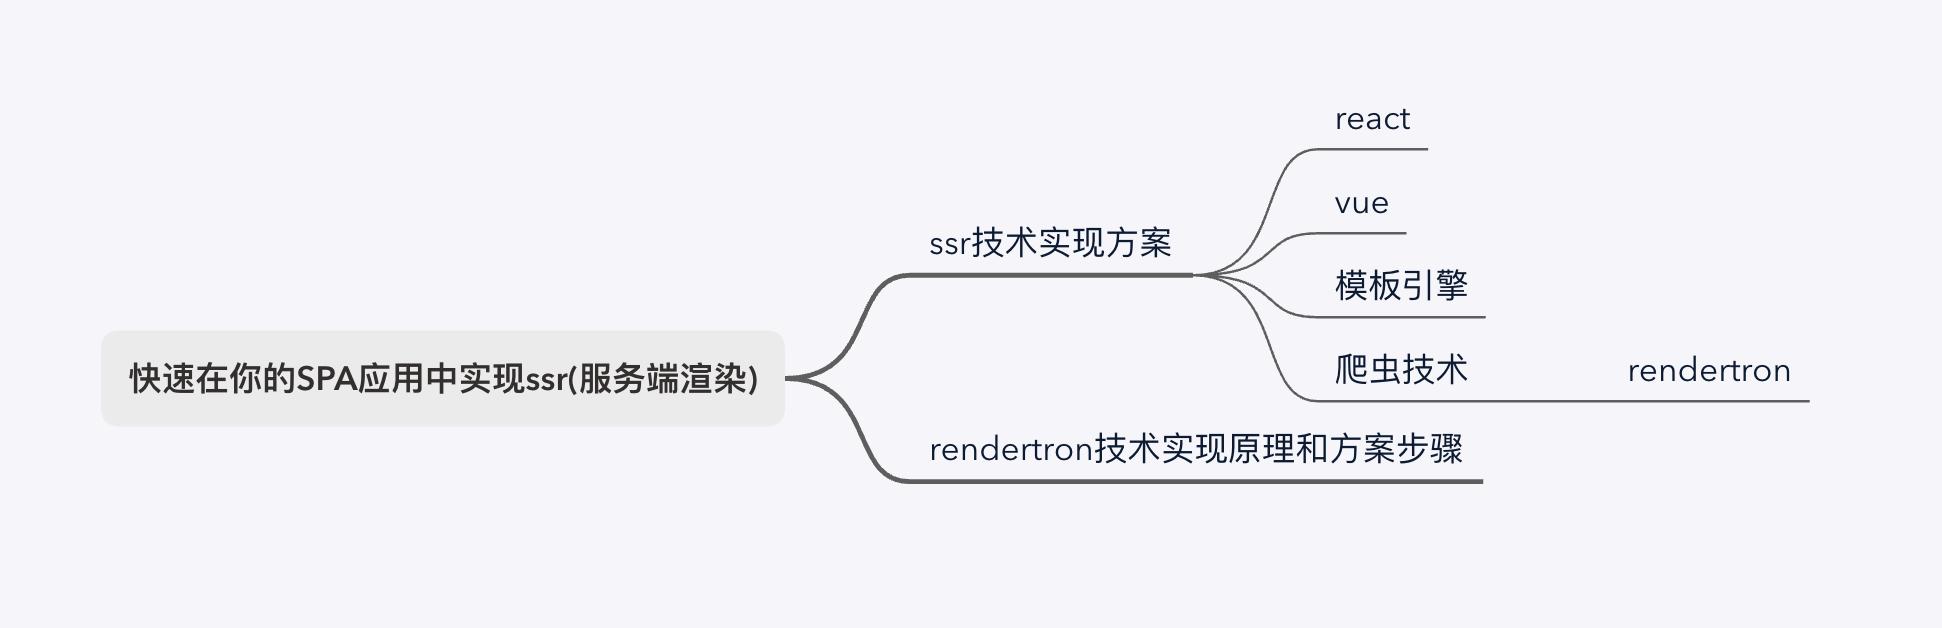 快速在你的vue/react应用中实现ssr(服务端渲染)